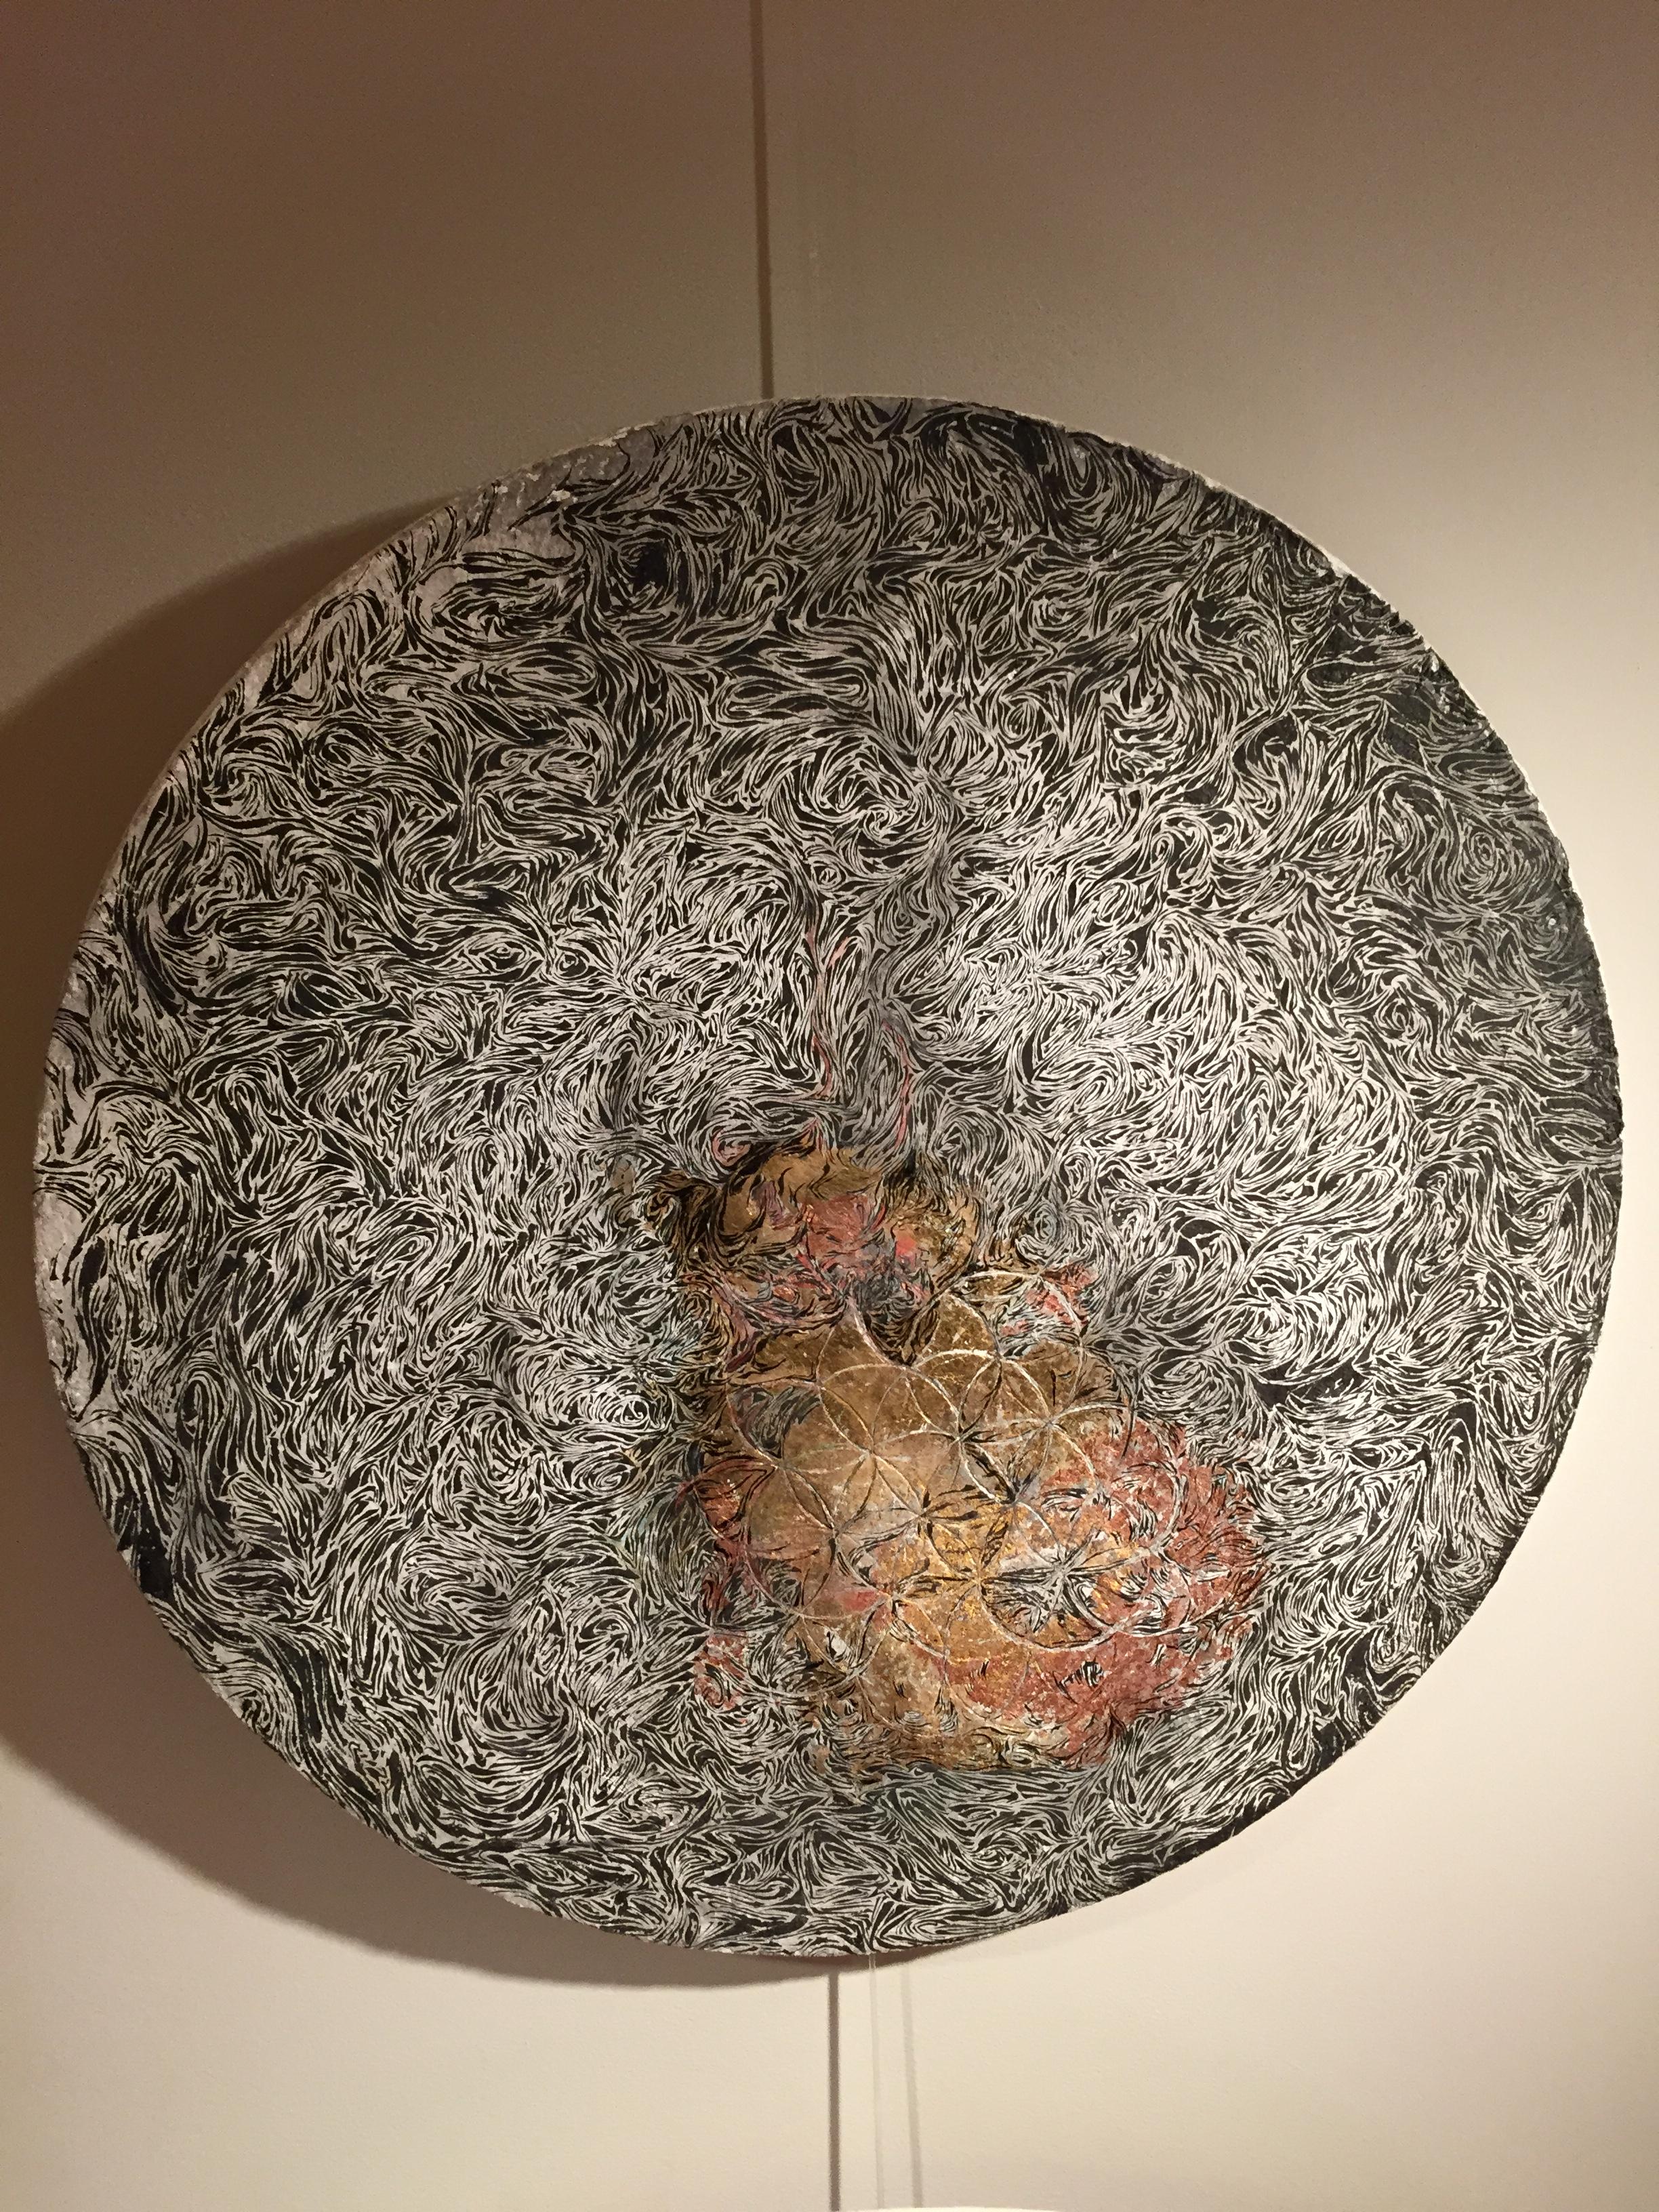 nathalie bergiers artworks 2014 @ hugo neumann brussels 2